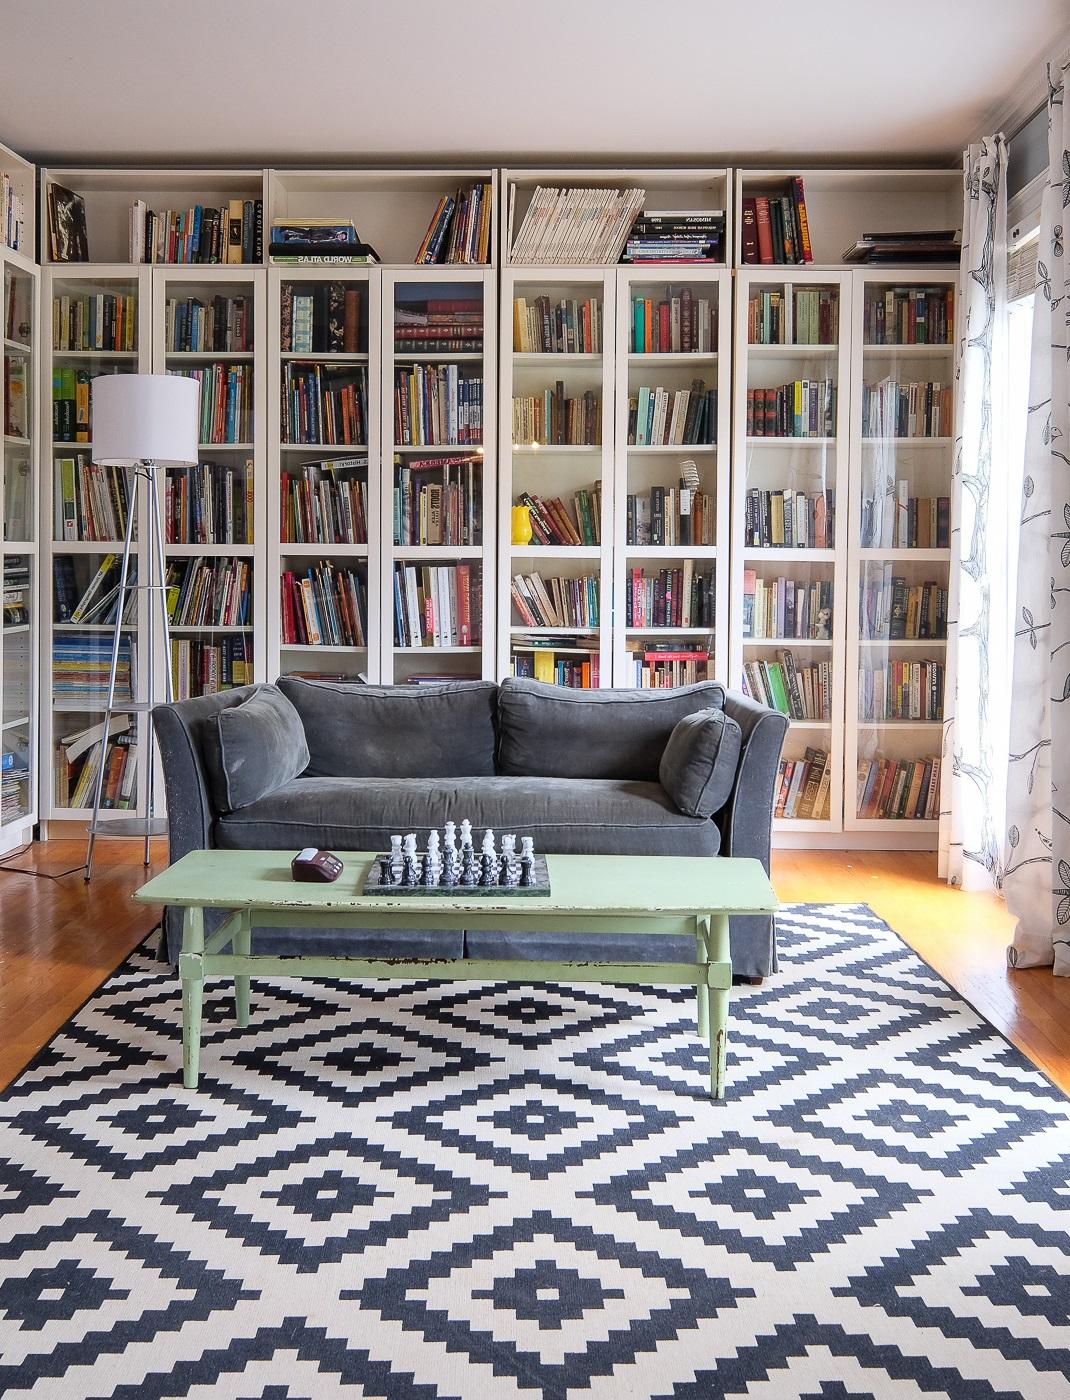 Étagère bibliothèque dans le salon.